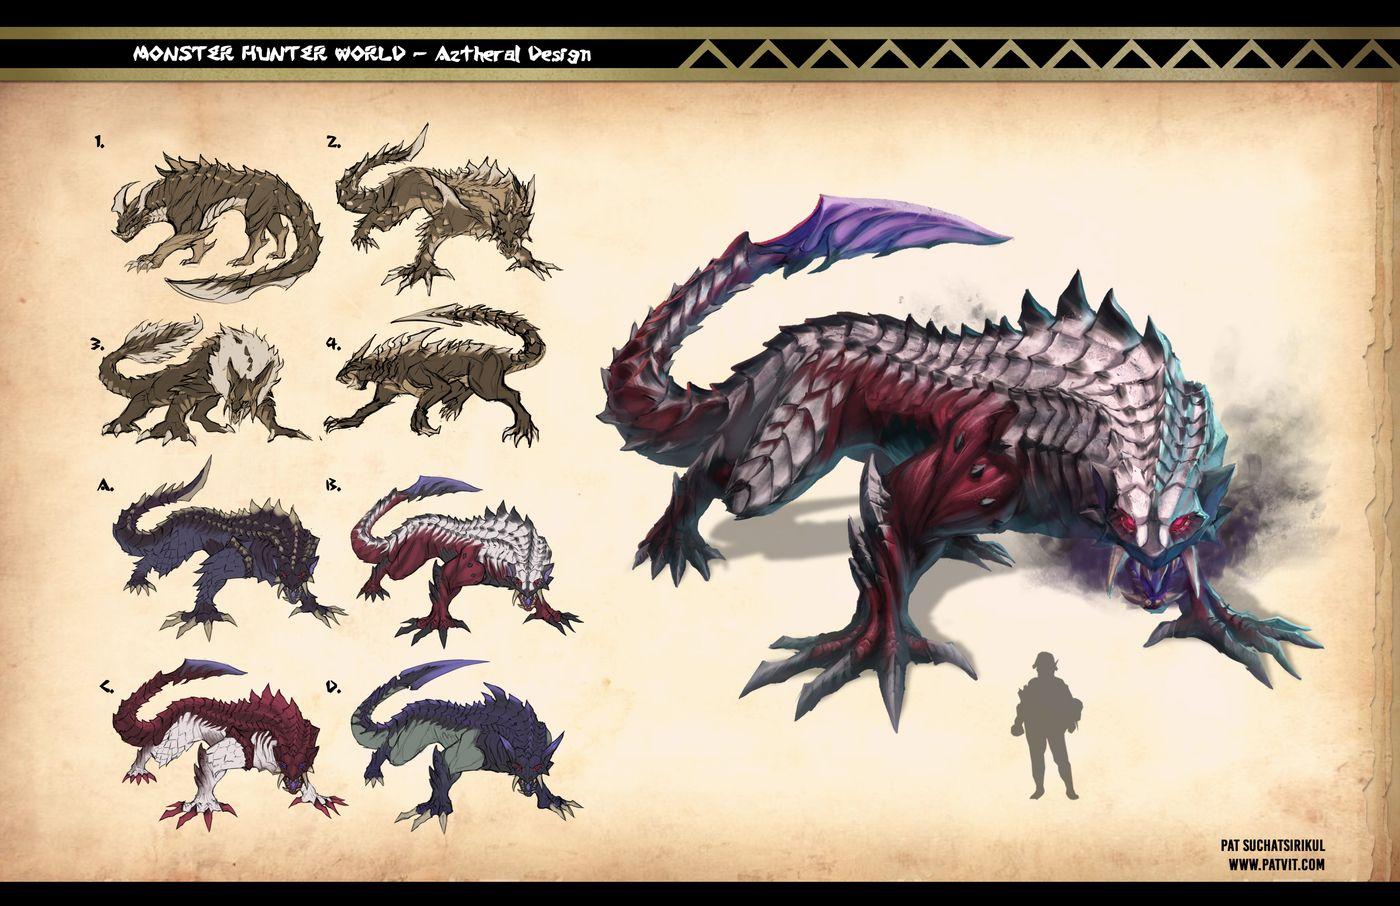 Suchatsirikul Pat Final Page10 Monster Hunter Aztheral Design Patvit